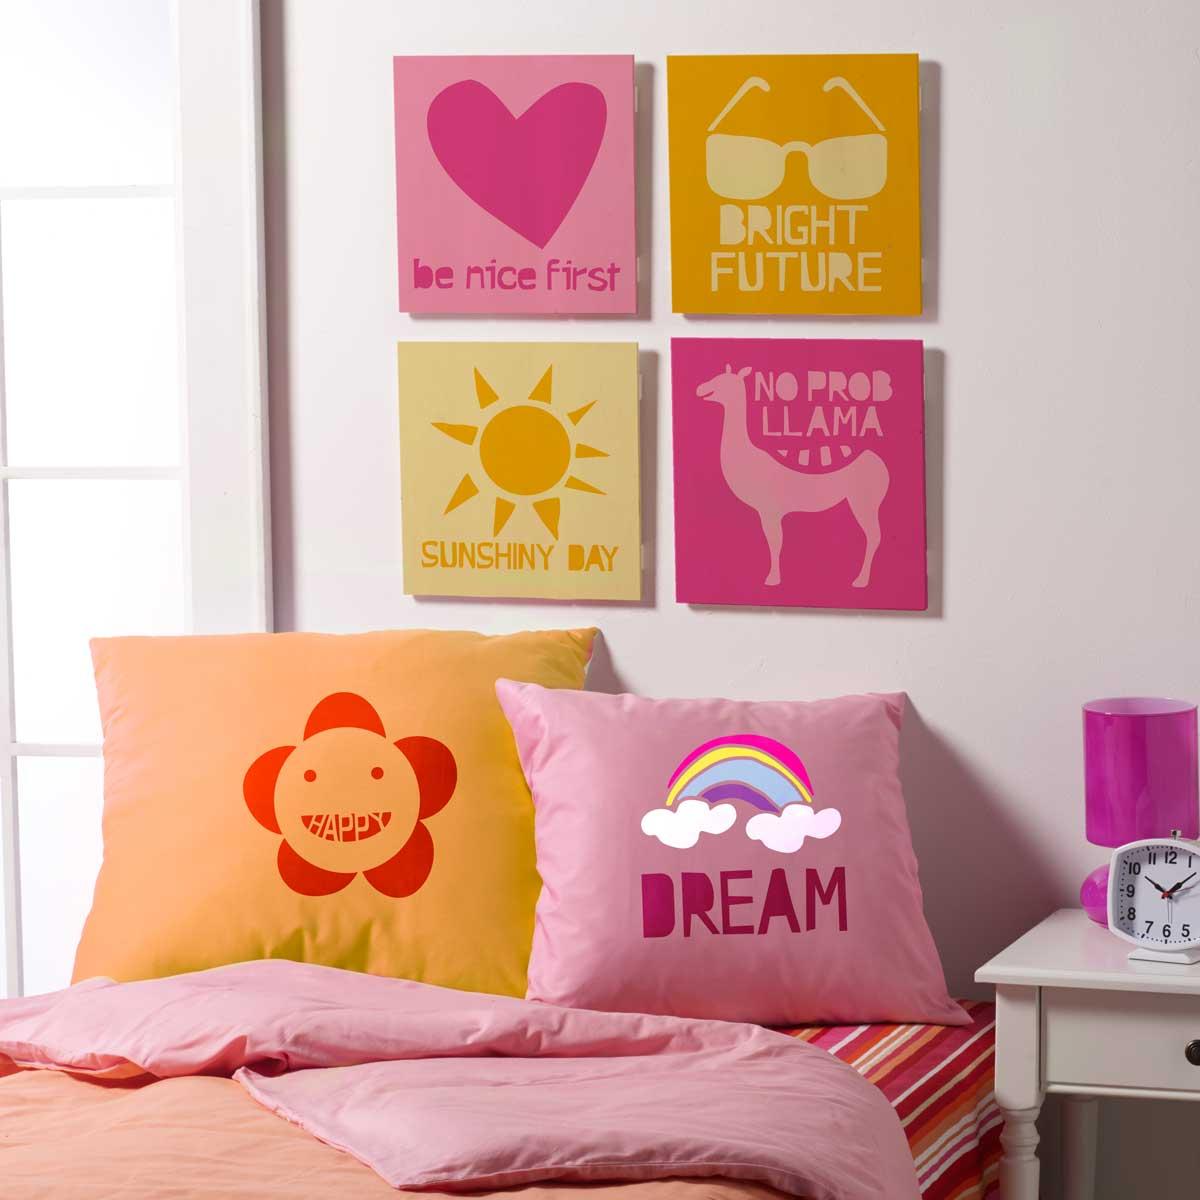 FolkArt ® Stencil Value Packs - Modern Variety, 12